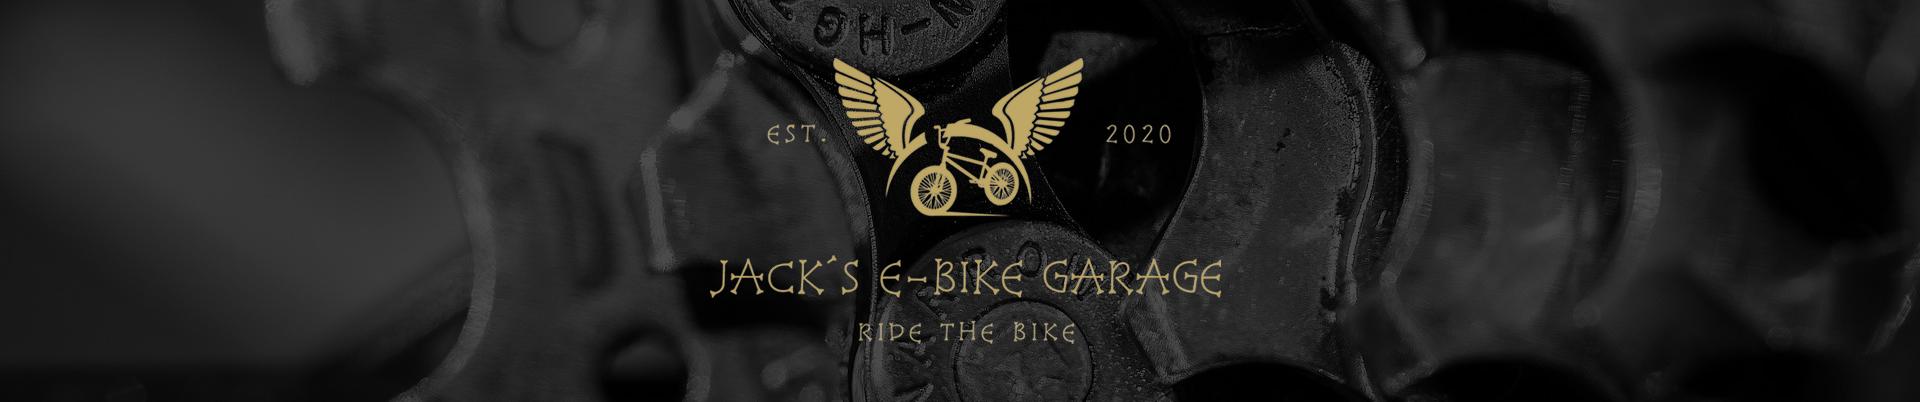 Jack's E-Bike Garage